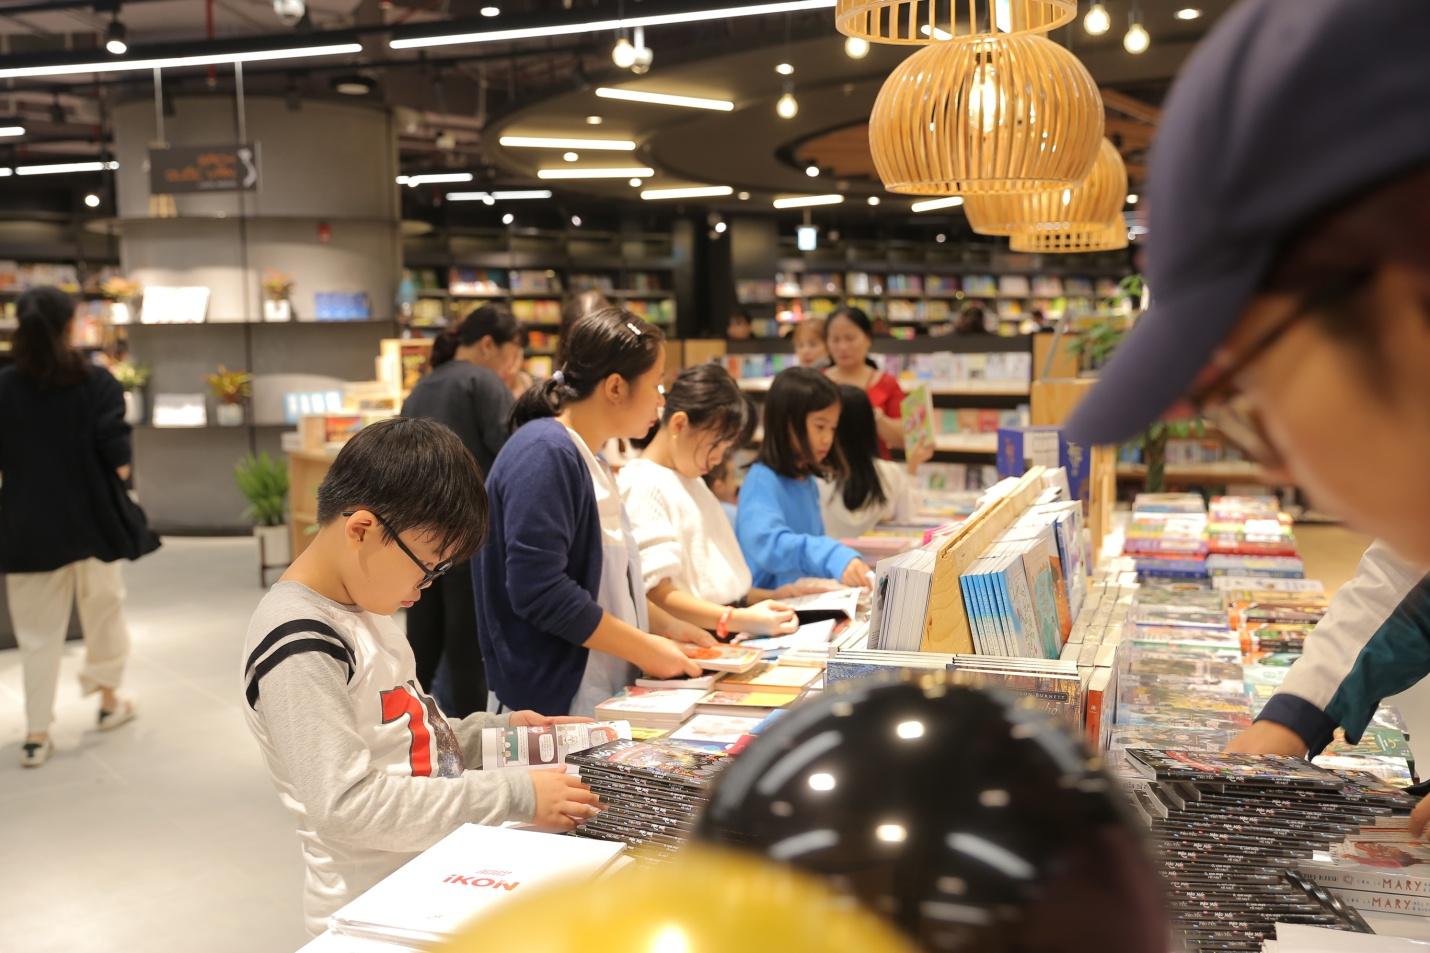 Thiên đường sách mới tại Hà Nội dành cho các bạn trẻ - Ảnh 8.